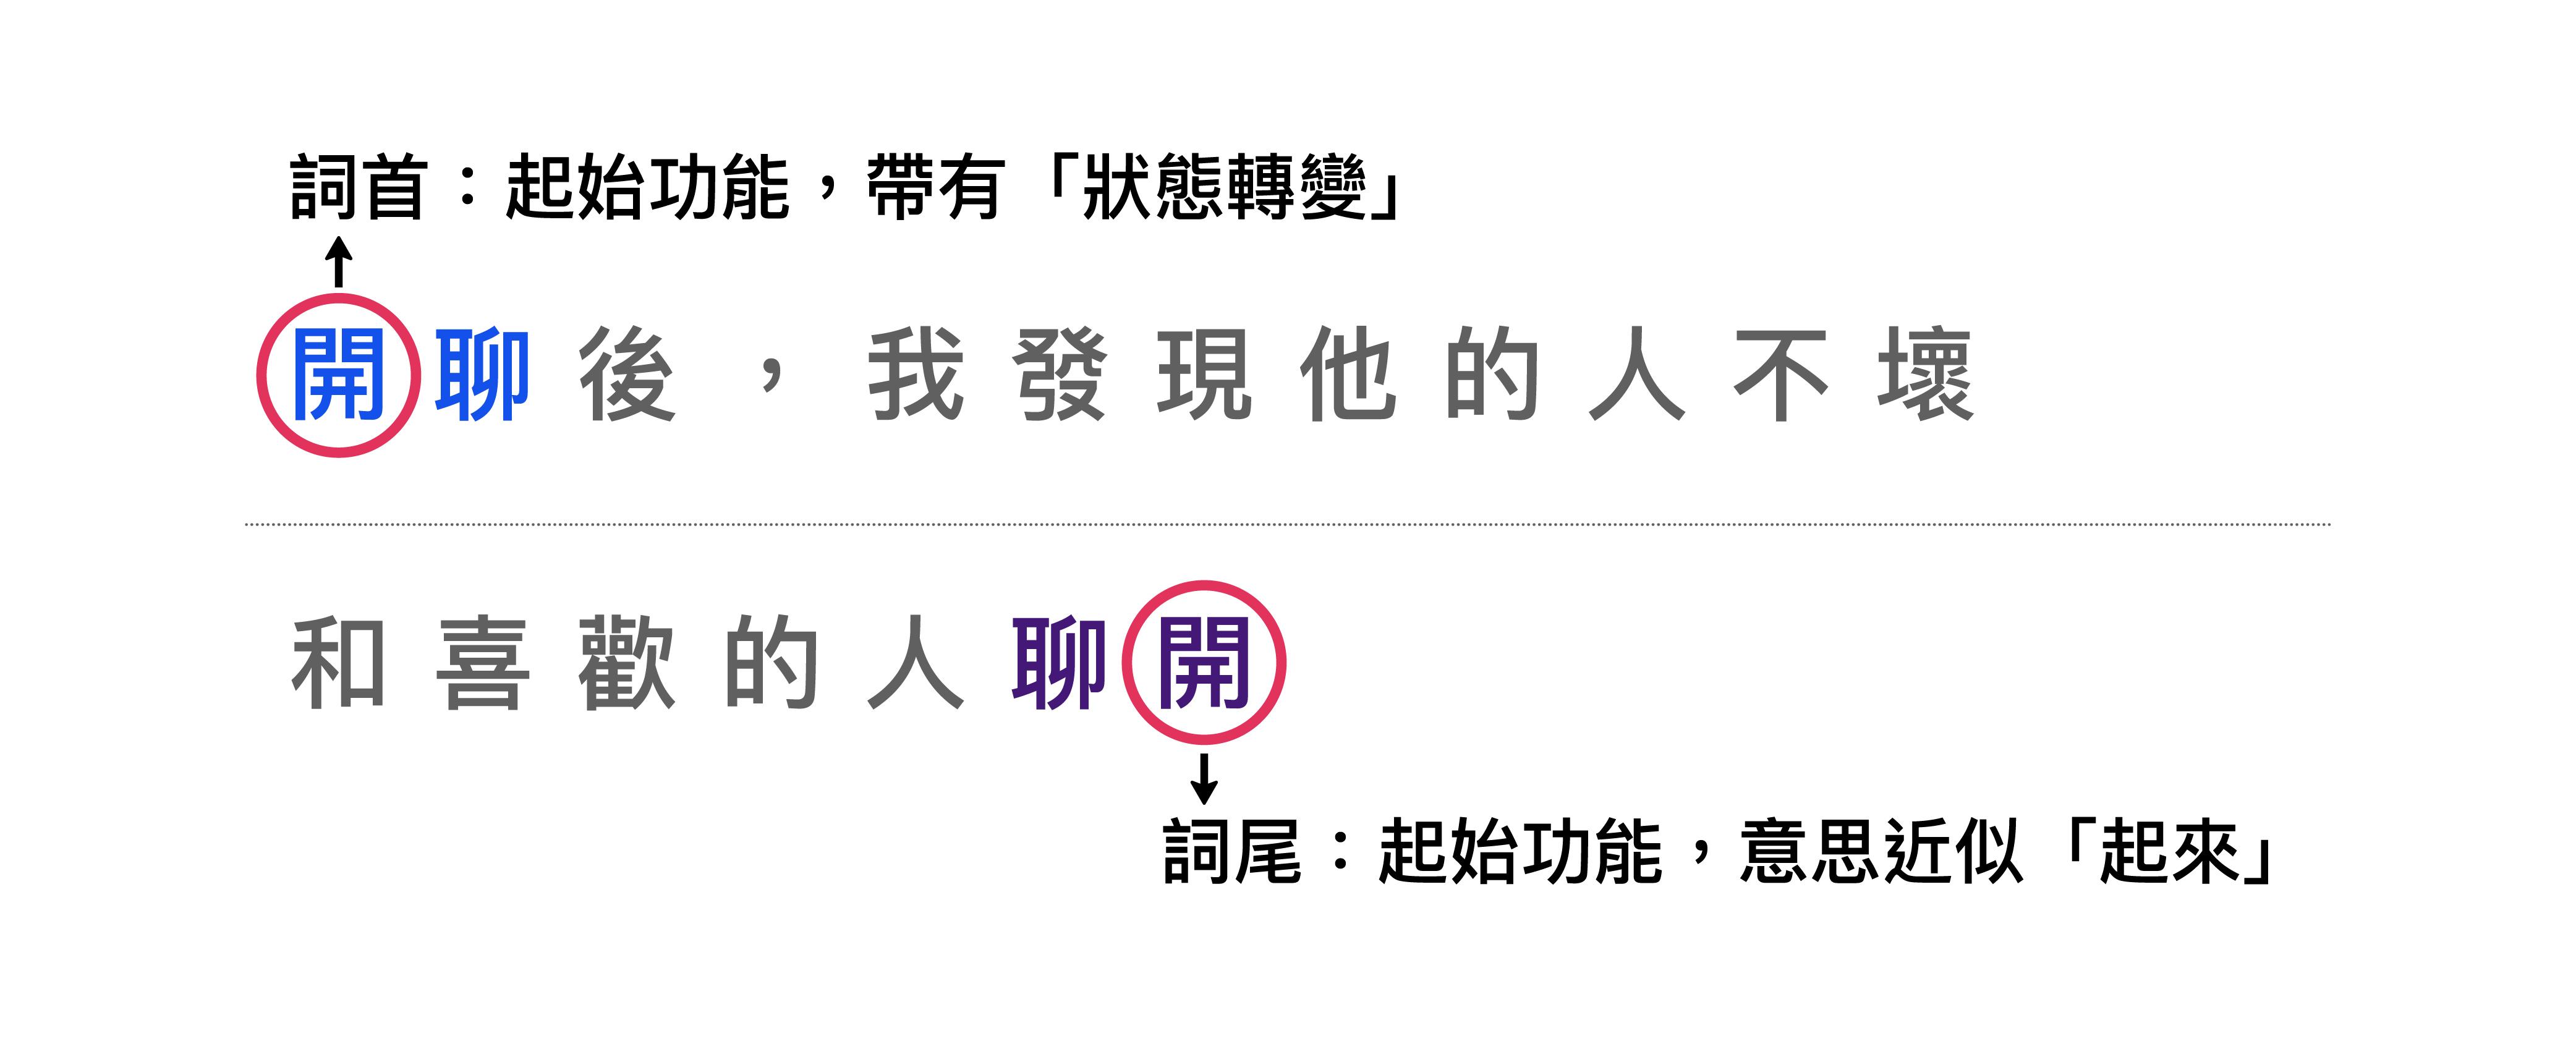 「開」的複合動詞結構舉例。 資料來源│〈現代漢語複合動詞之詞首詞尾研究〉,作者:邱智銘、駱季青、陳克健